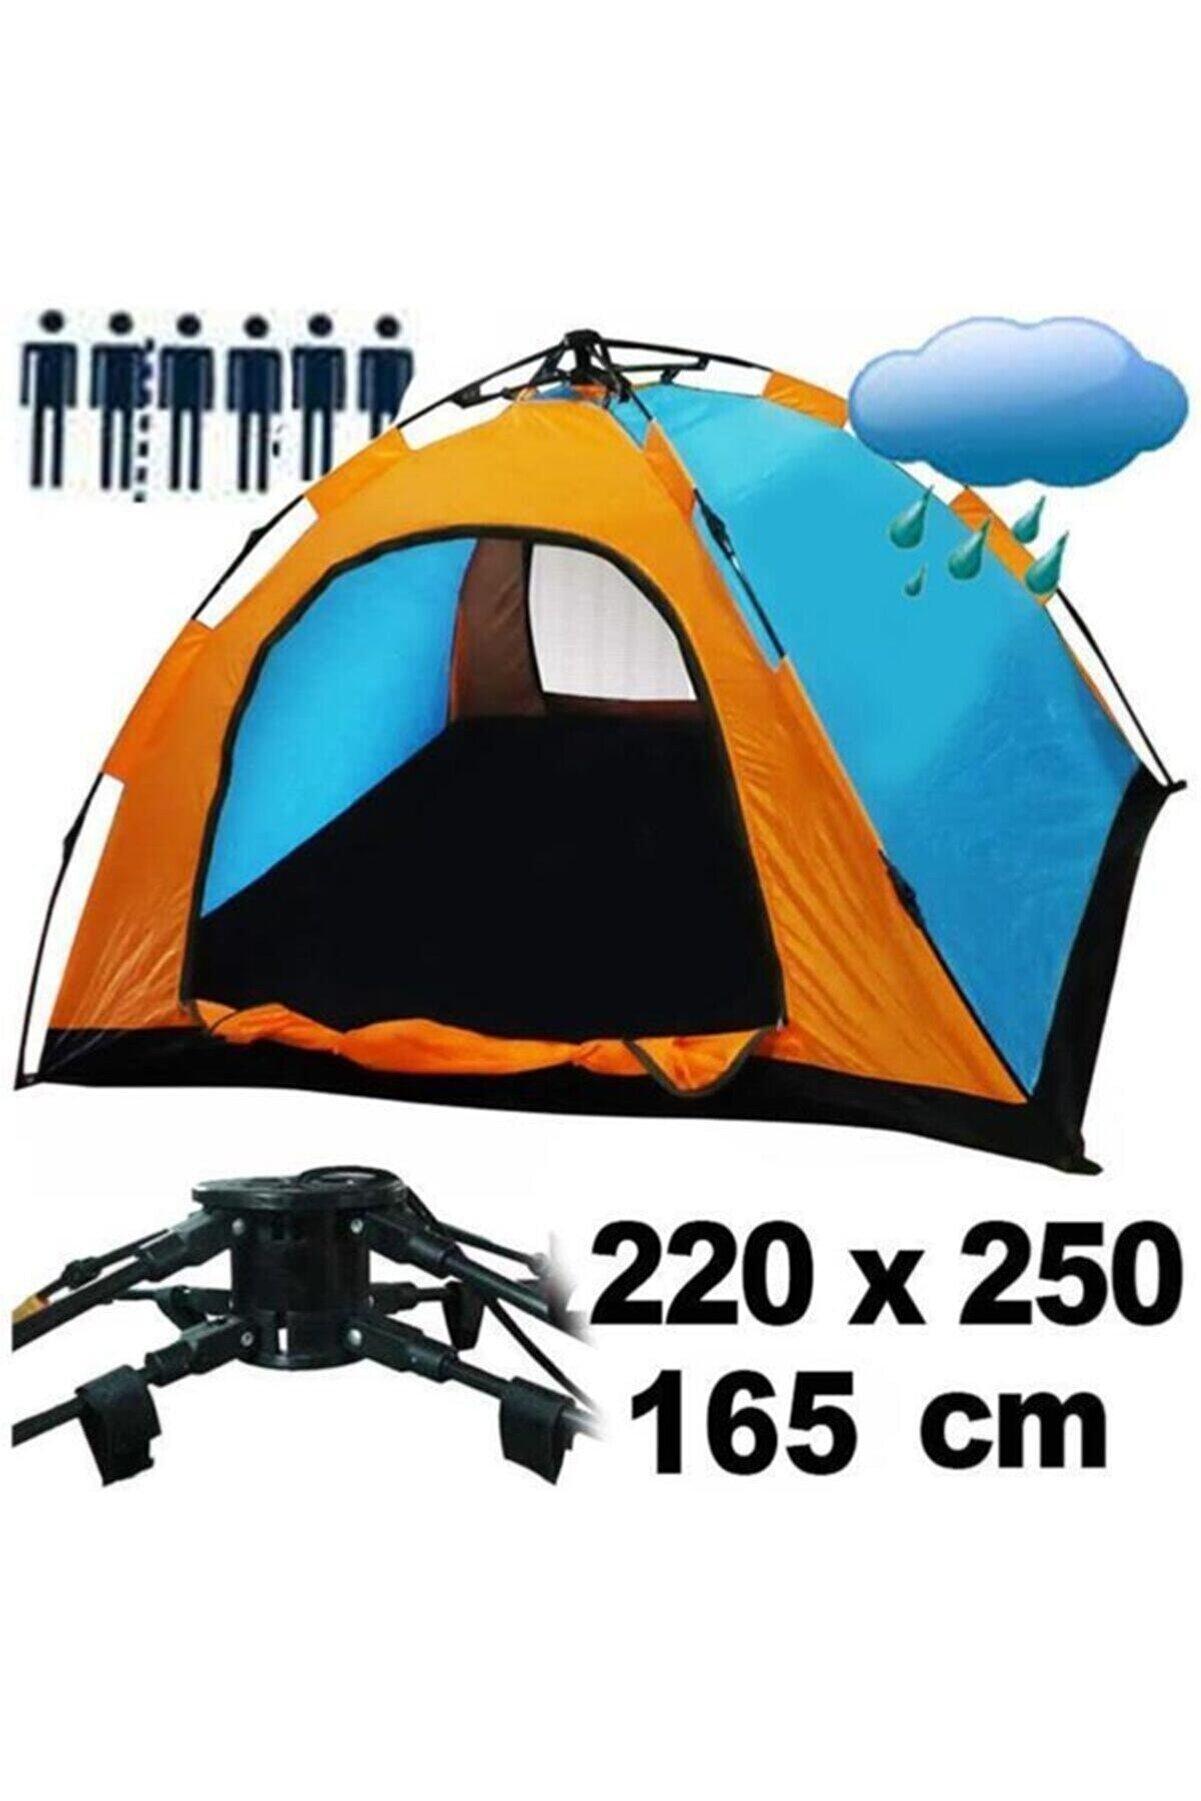 Realx 6 Kişilik Tam Otomatik Kurulum Kamp Çadırı 250 X 220 X 165 Cm Ce